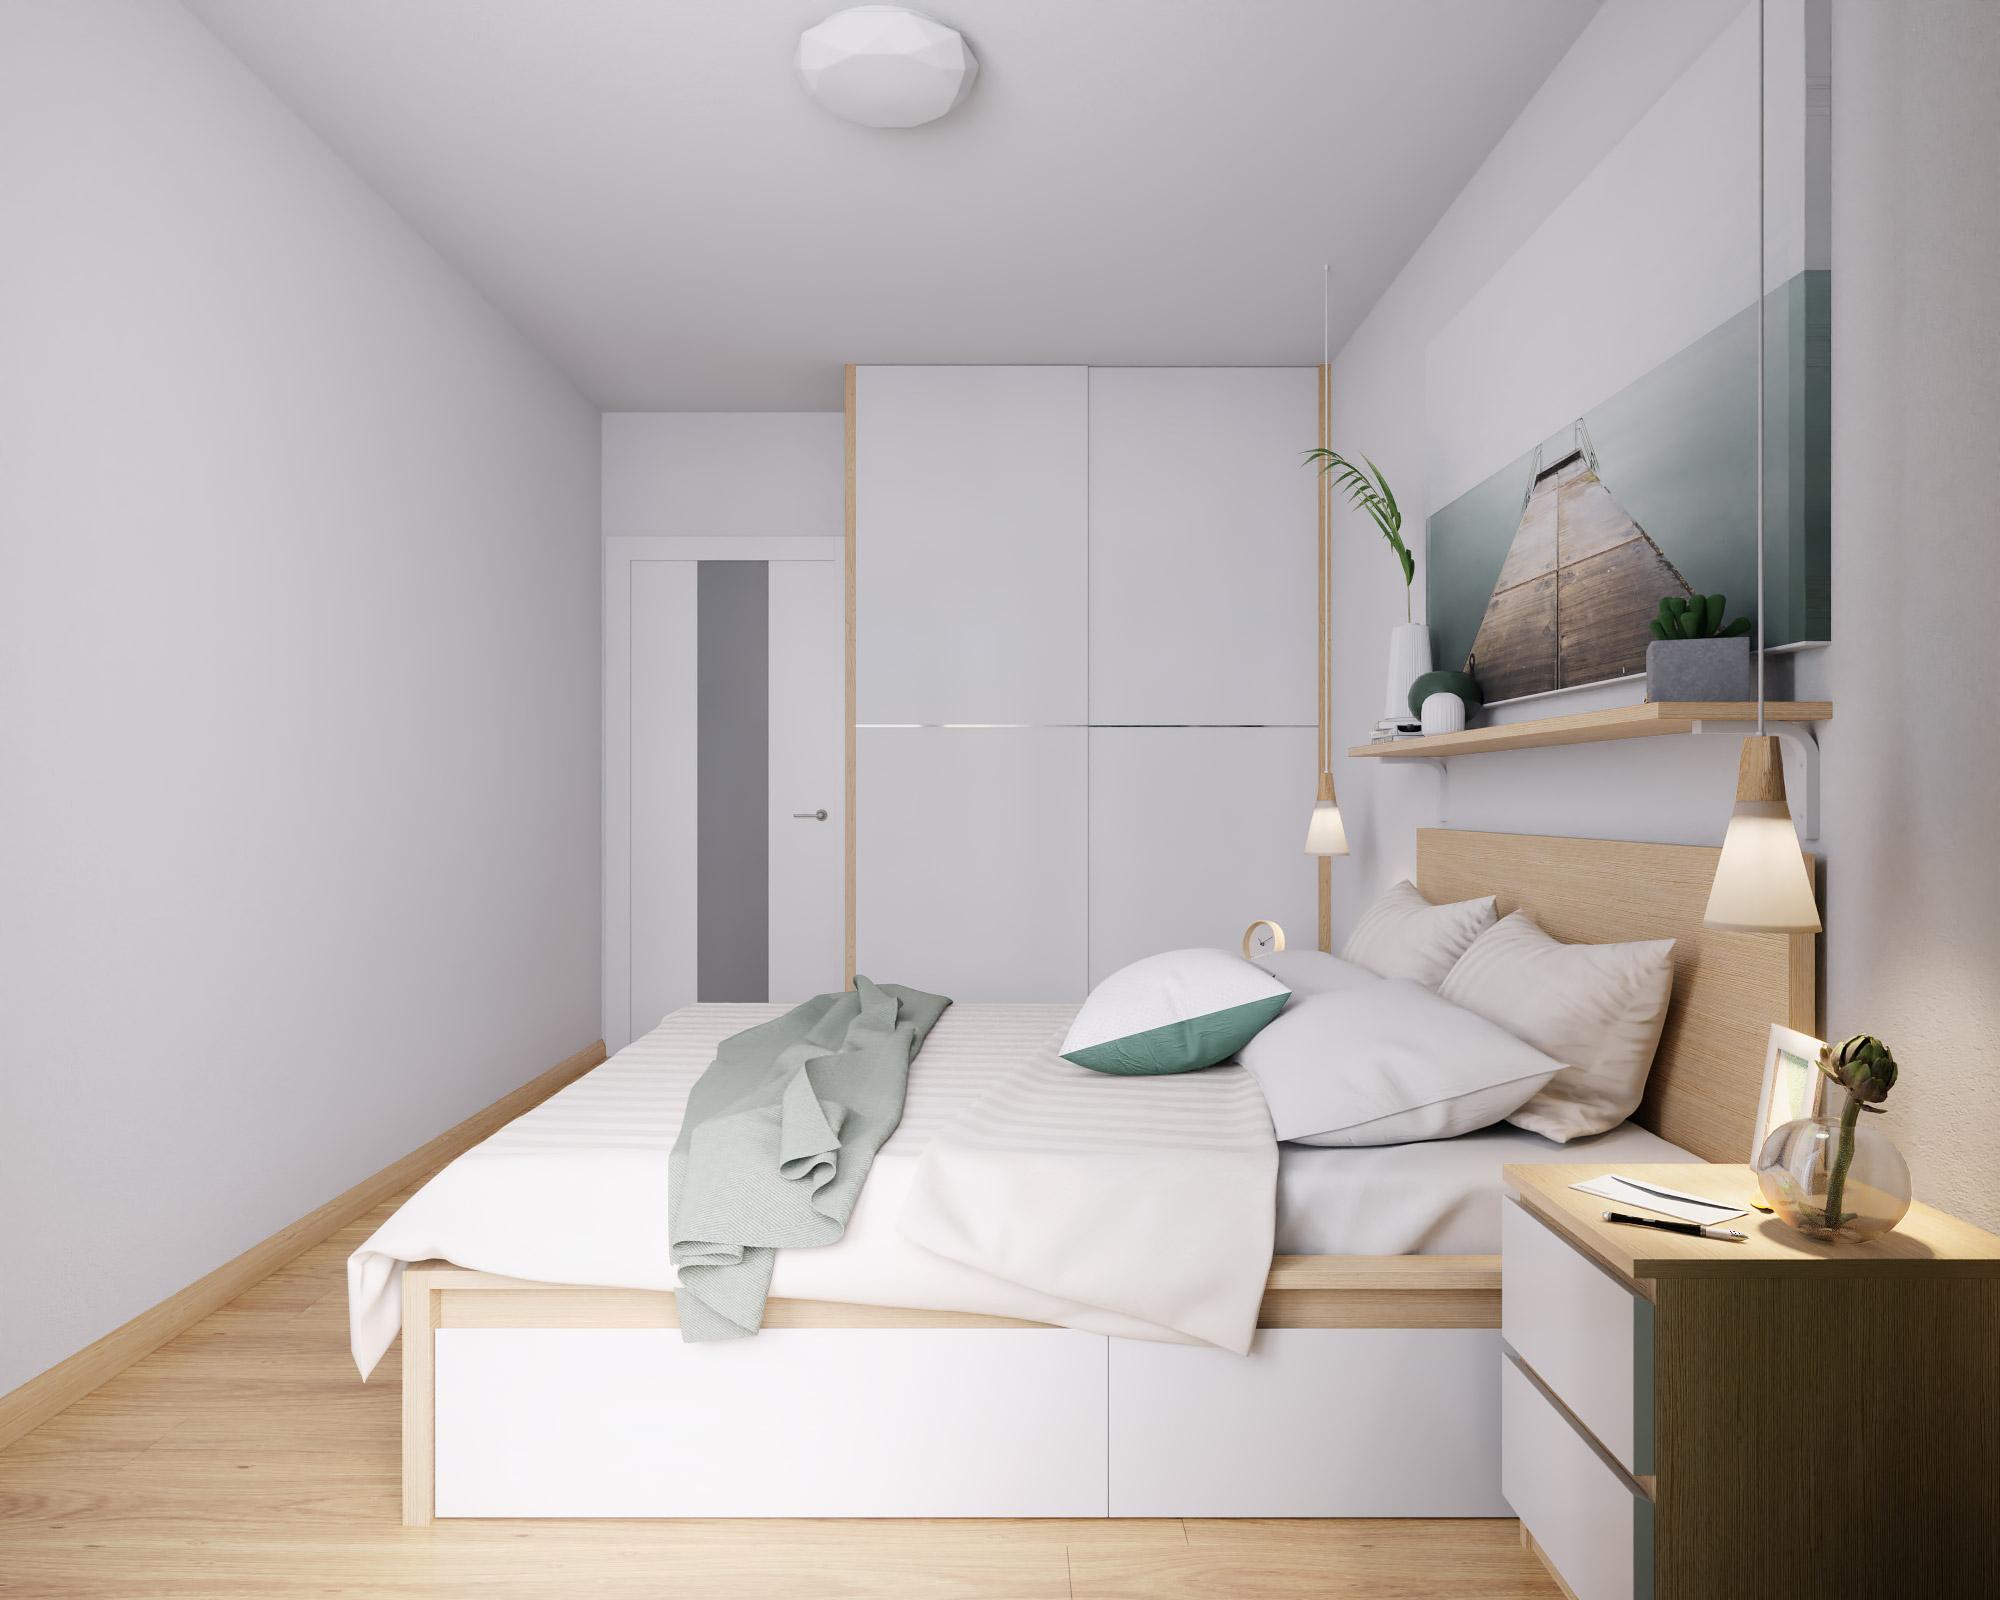 idea3d - vizualizácia spálňa 2 - Nové Vlčince